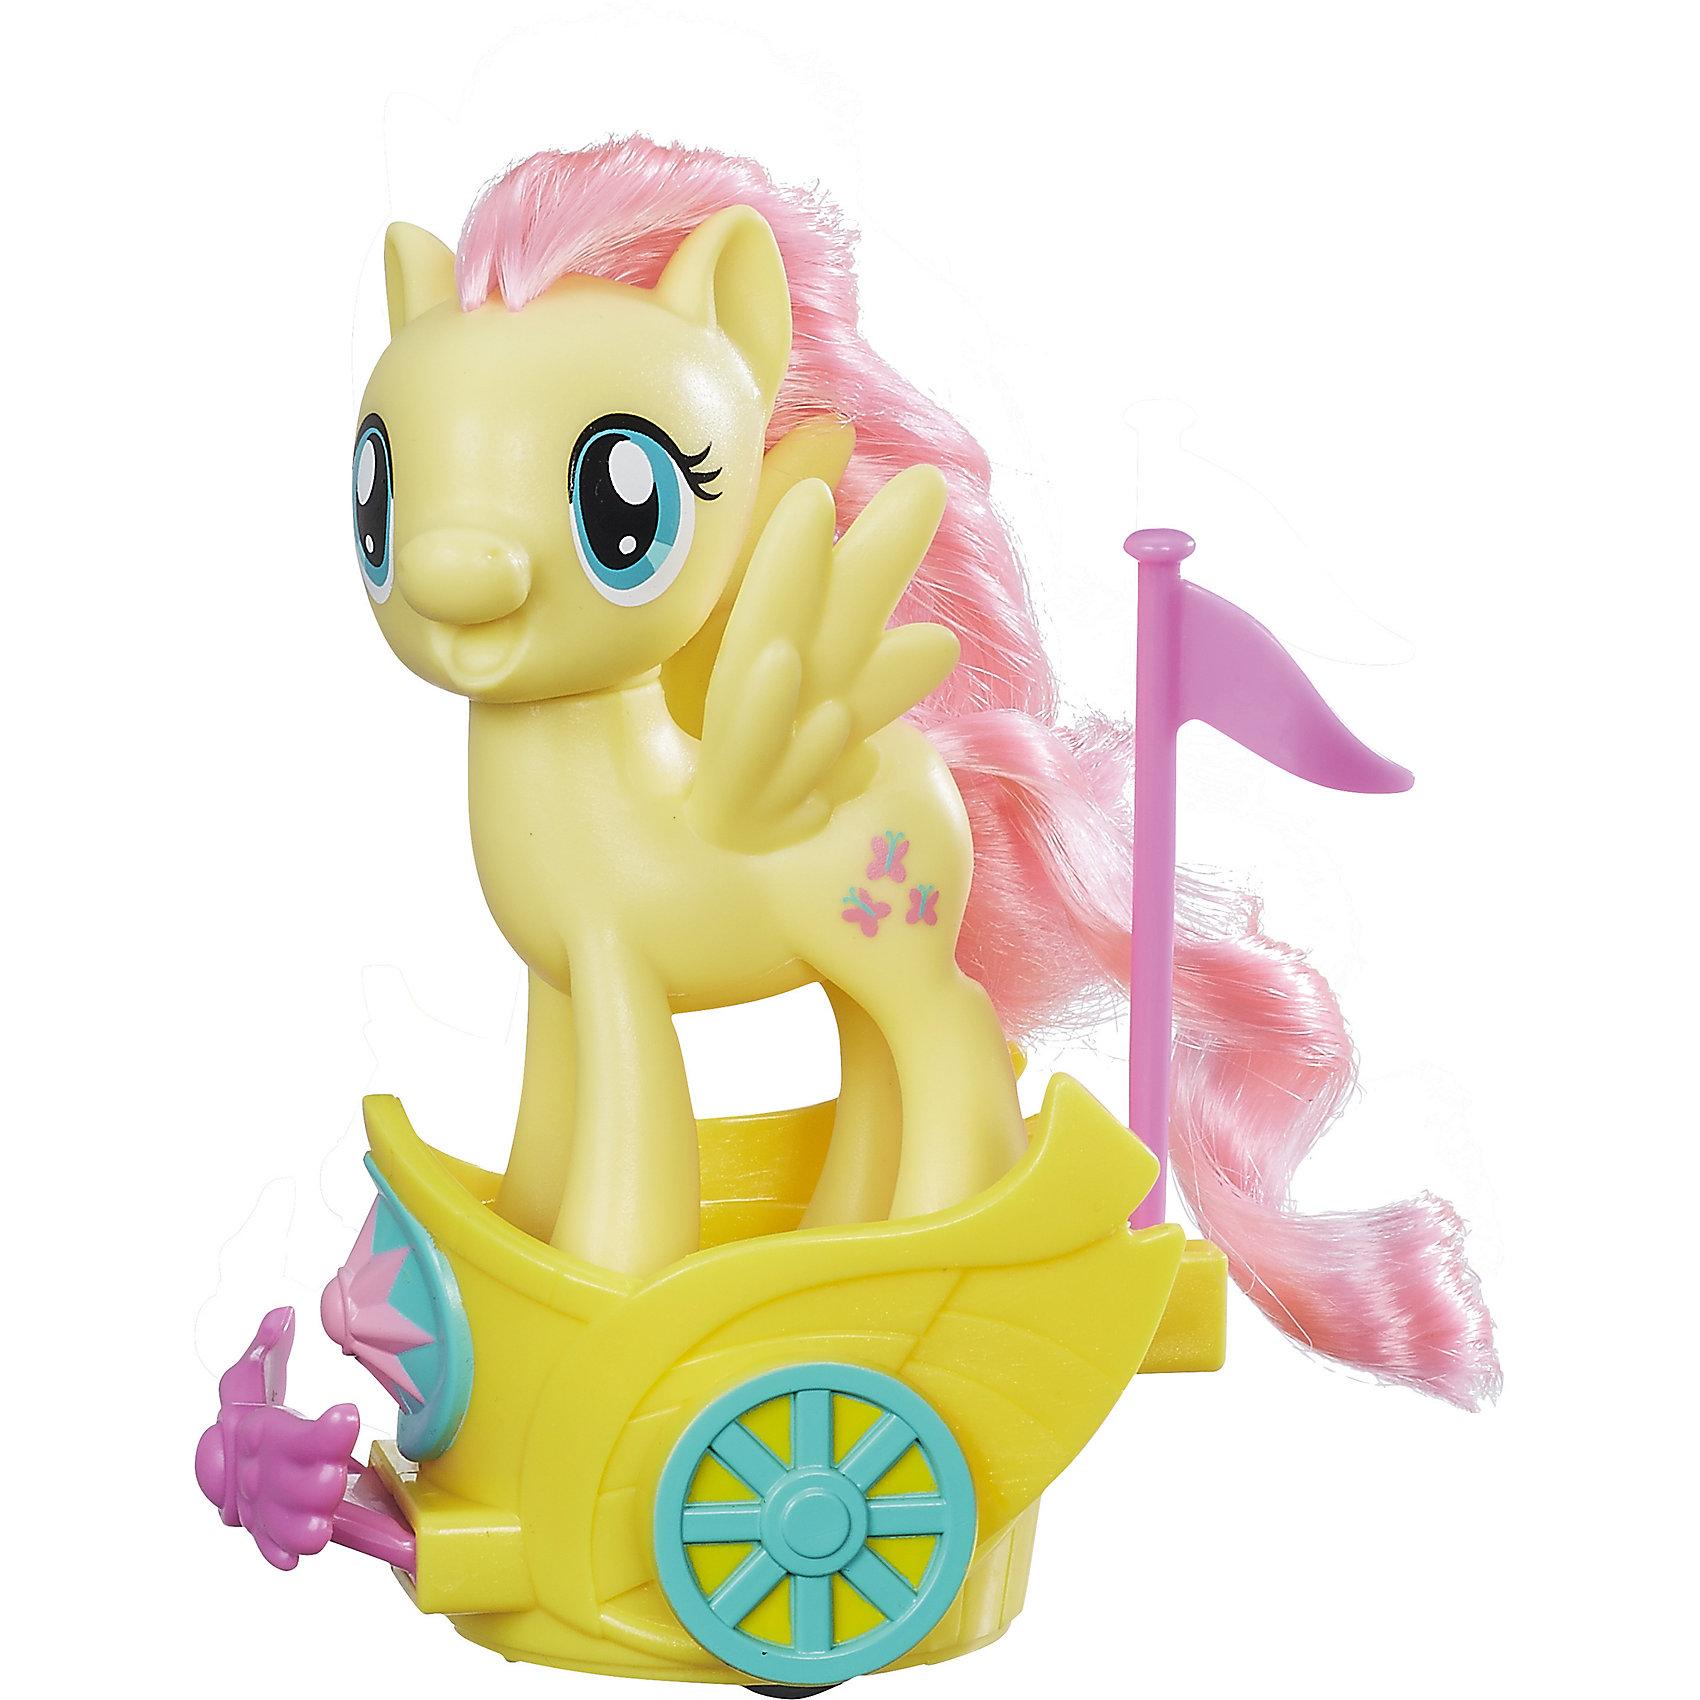 Игровой набор Hasbro My little Pony Пони в карете, ФлаттершайПопулярные игрушки<br>Характеристики товара:<br><br>• возраст: от 3 лет;<br>• материал: пластик;<br>• в комплекте: фигурка пони, карета;<br>• размер фигурки: 7,5 см;<br>• размер упаковки: 27х21,3х18,1 см;<br>• вес упаковки: 280 гр.;<br>• страна производитель: Китай.<br><br>Игровой набор «Пони в карете» My Little Pony Hasbro создан по мотивам известного мультсериала. В наборе фигурка пони Флаттершай с розовой гривой и хвостиком. Флаттершай застенчива, но любит общаться со своими друзьями. Пони отправляется на бал в своей волшебной карете. Если посадить пони в карету и потянуть немного назад, то она начнет вращаться. Мягкий хвостик и гриву можно расчесывать, заплетать, украшать, придумывая каждый раз новый оригинальный образ. <br><br>Игровой набор «Пони в катере» My Little Pony Hasbro B9159/B9836 можно приобрести в нашем интернет-магазине.<br><br>Ширина мм: 270<br>Глубина мм: 213<br>Высота мм: 181<br>Вес г: 280<br>Возраст от месяцев: 36<br>Возраст до месяцев: 2147483647<br>Пол: Женский<br>Возраст: Детский<br>SKU: 6674414